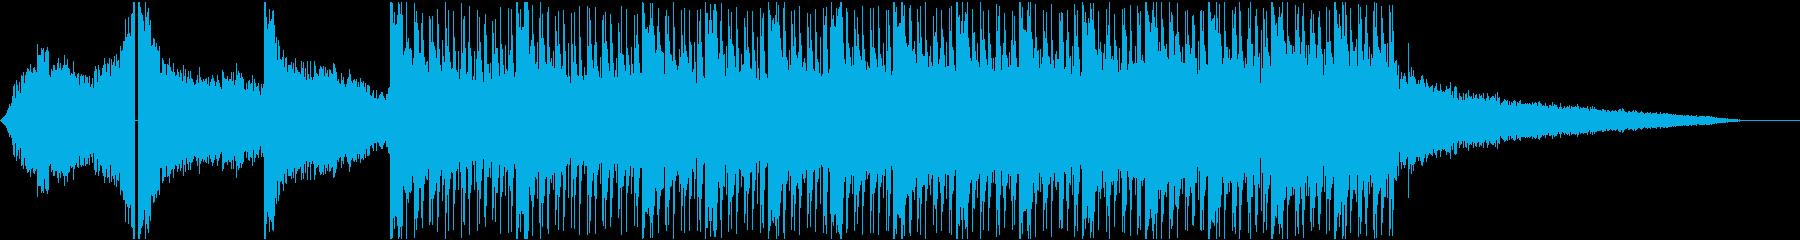 破滅を連想させるエピックサウンドの再生済みの波形